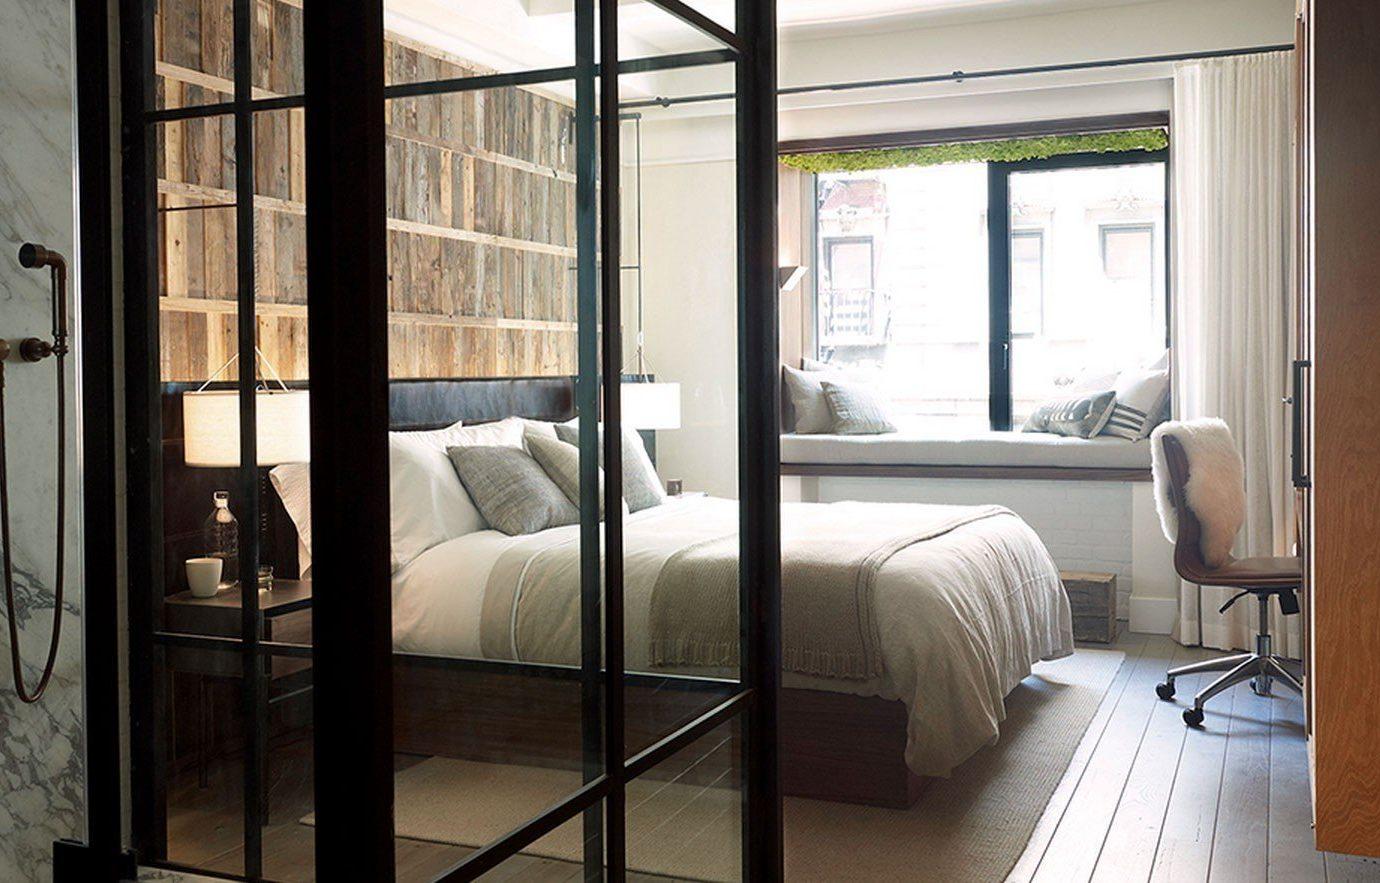 Hotels indoor window floor bed room property Bedroom home house interior design door window covering living room loft cottage furniture apartment